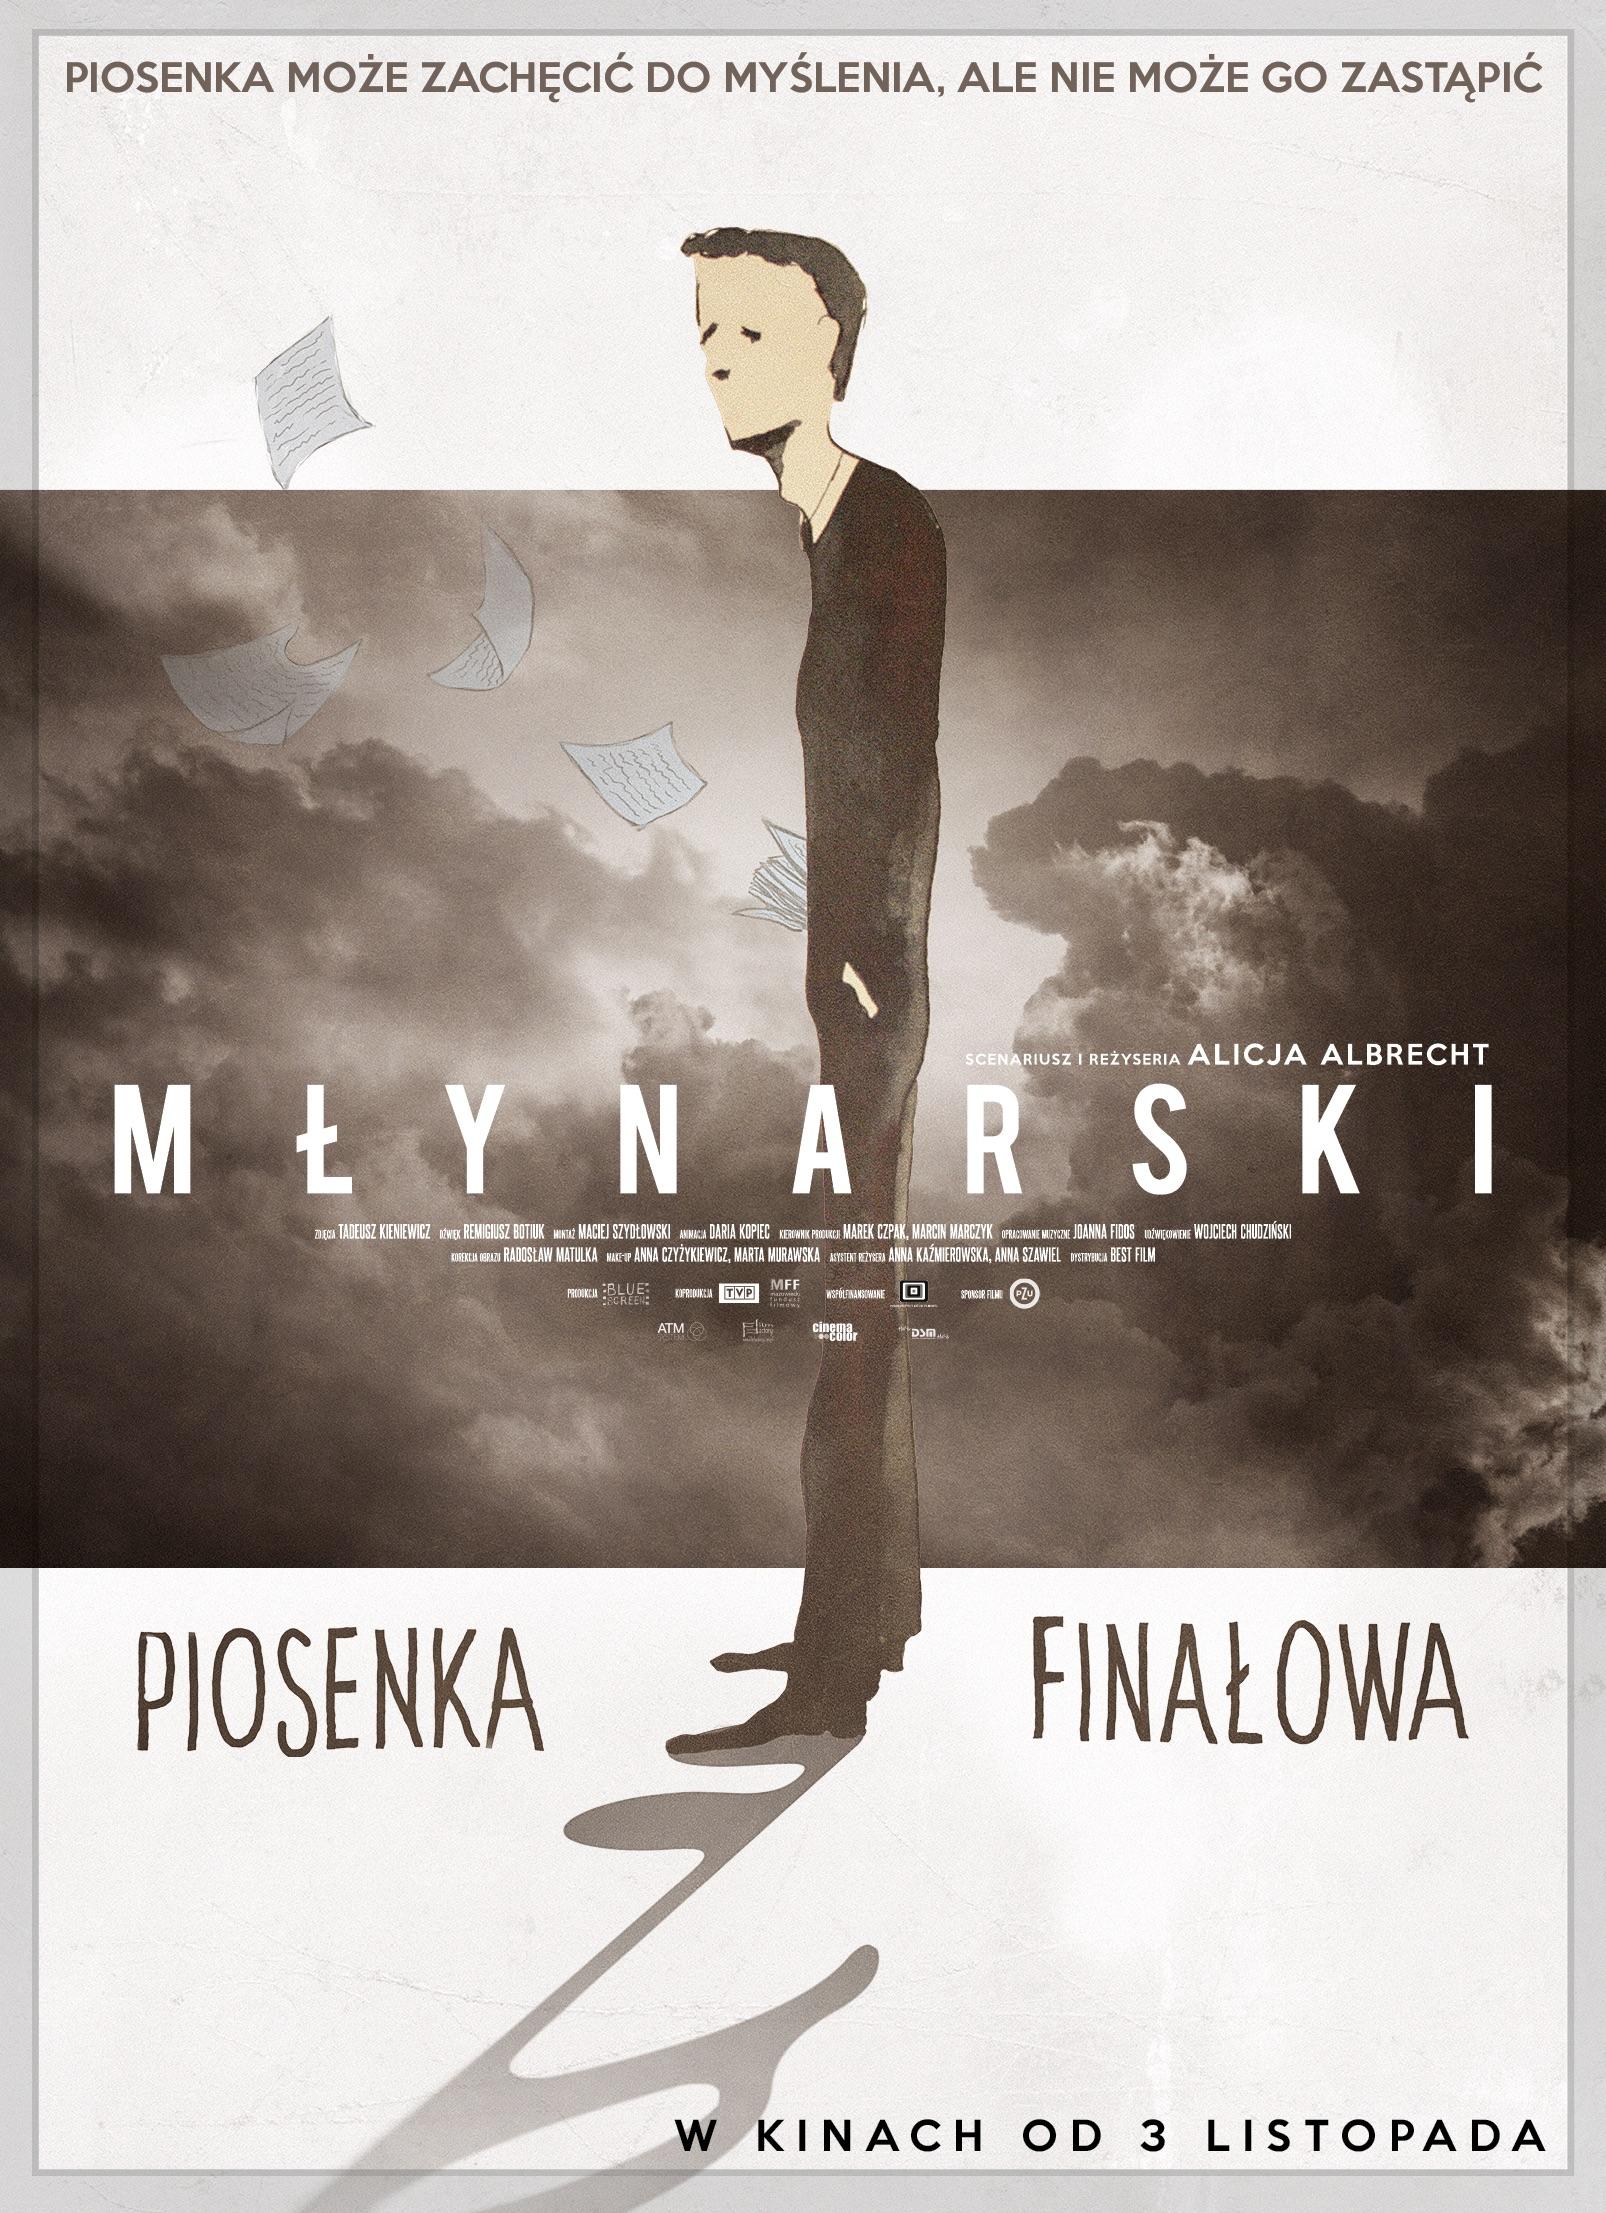 Znalezione obrazy dla zapytania młynarski piosenka finałowa film plakat